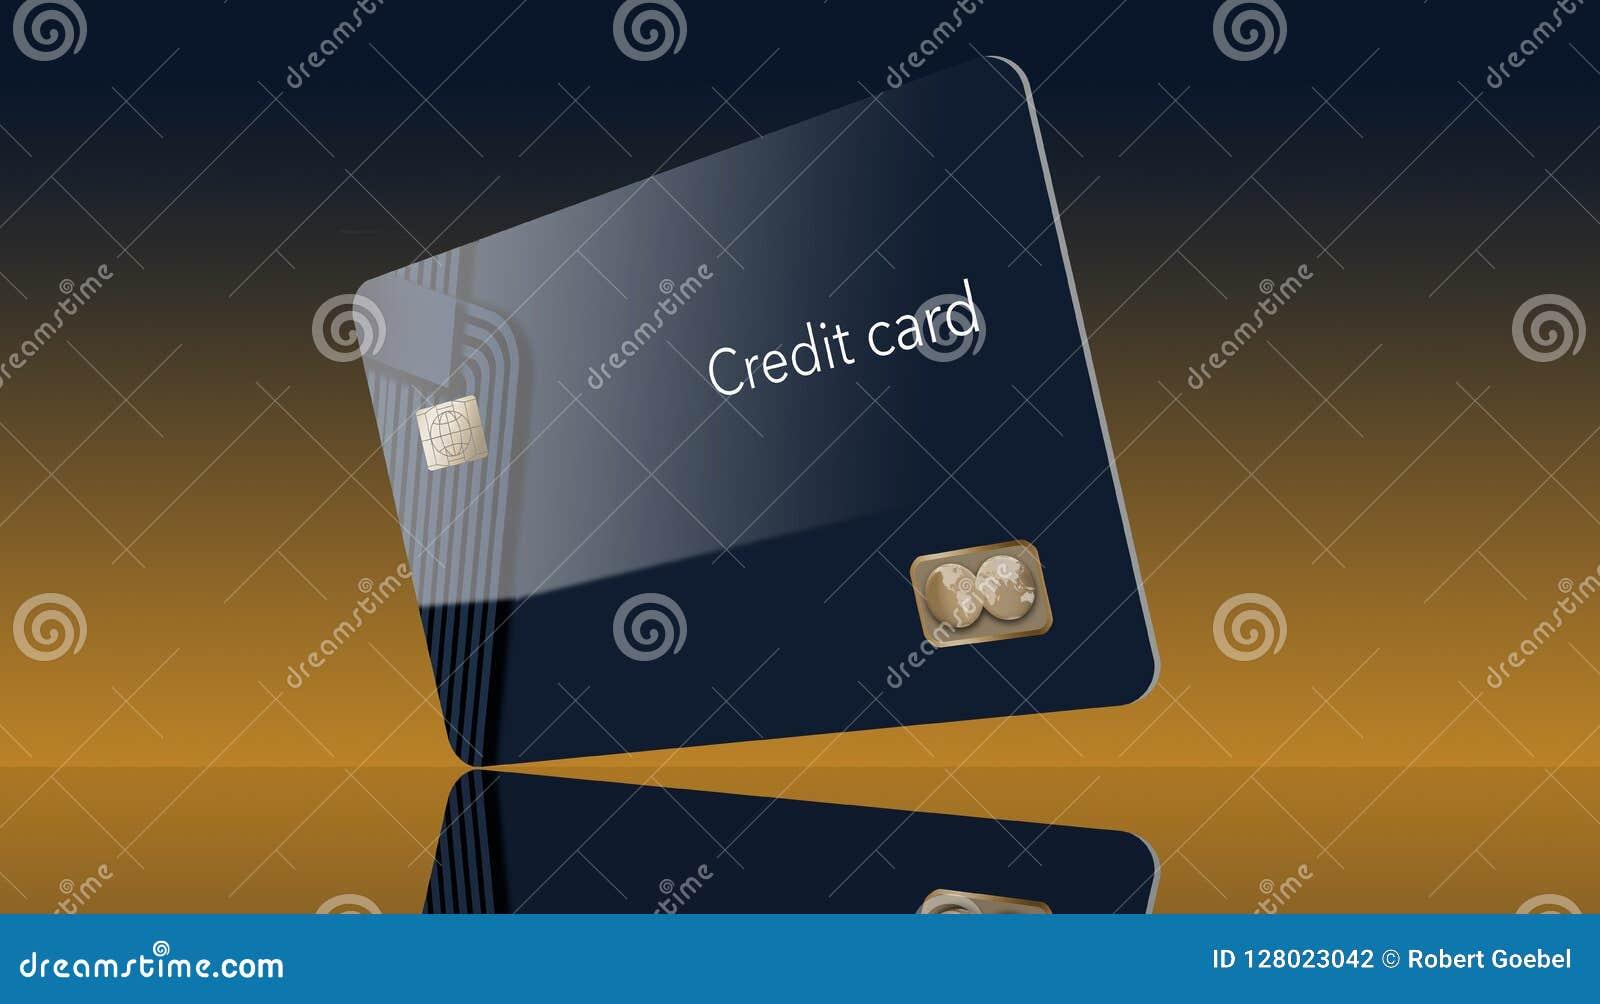 Här är en modern kreditkort som är en åtlöje med generisk logo